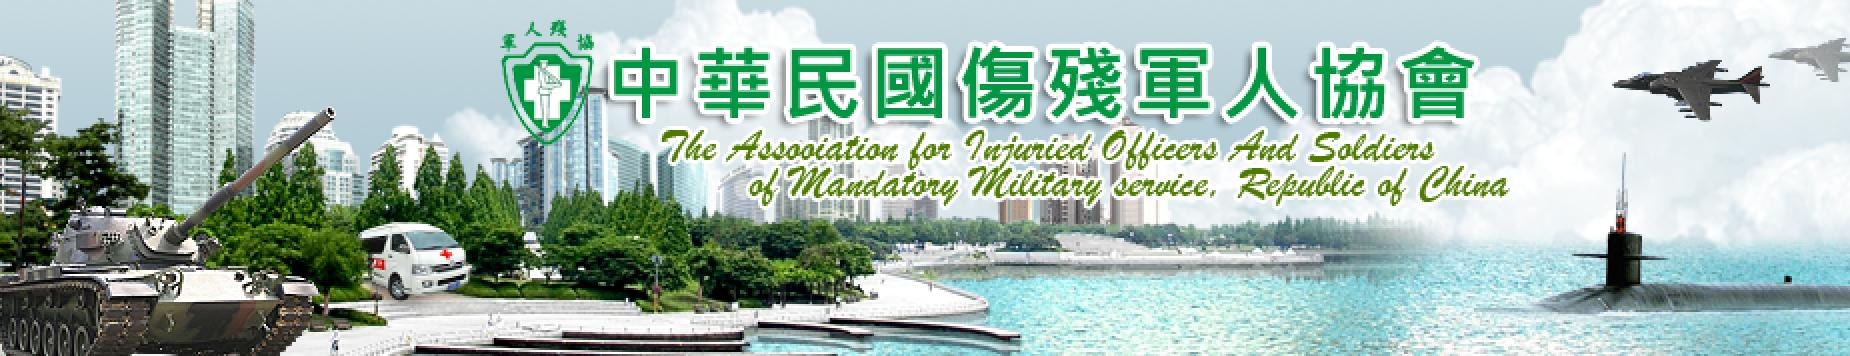 中華民國傷殘軍人協會上方形象圖